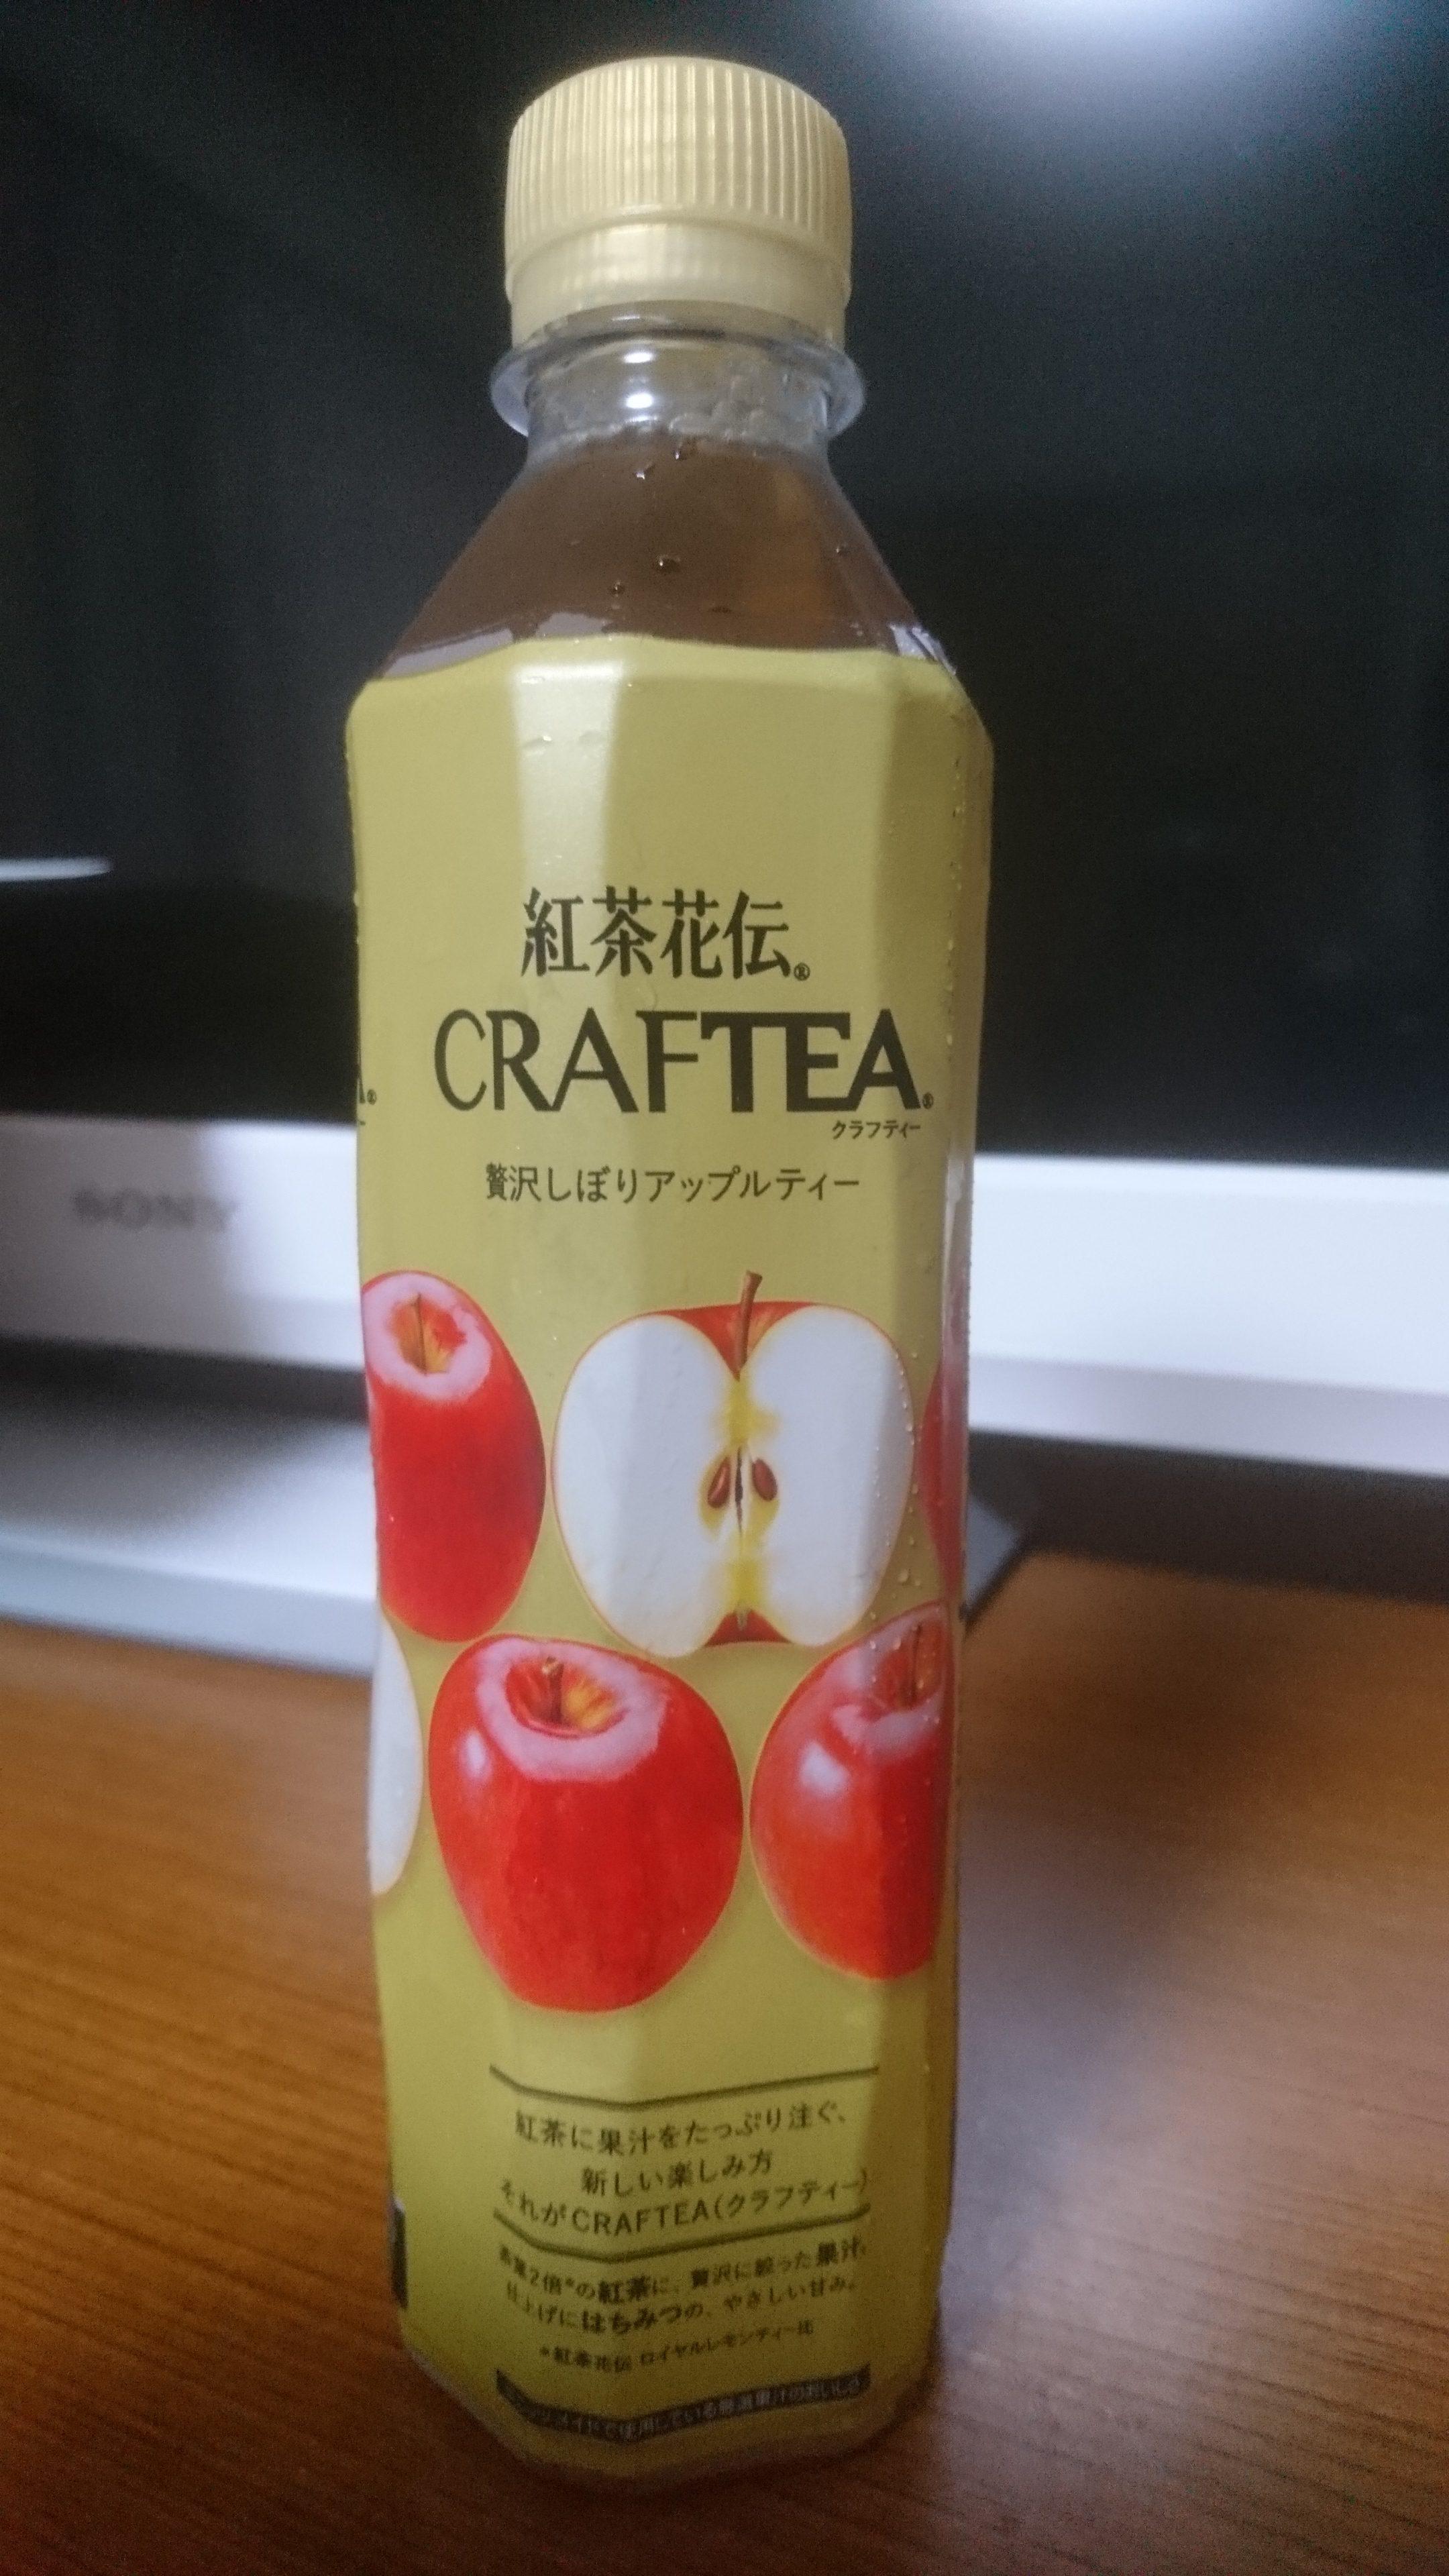 紅茶花伝CRAFTEA(クラフティー)贅沢しぼりアップルティーを飲みました。気になるカロリーは?